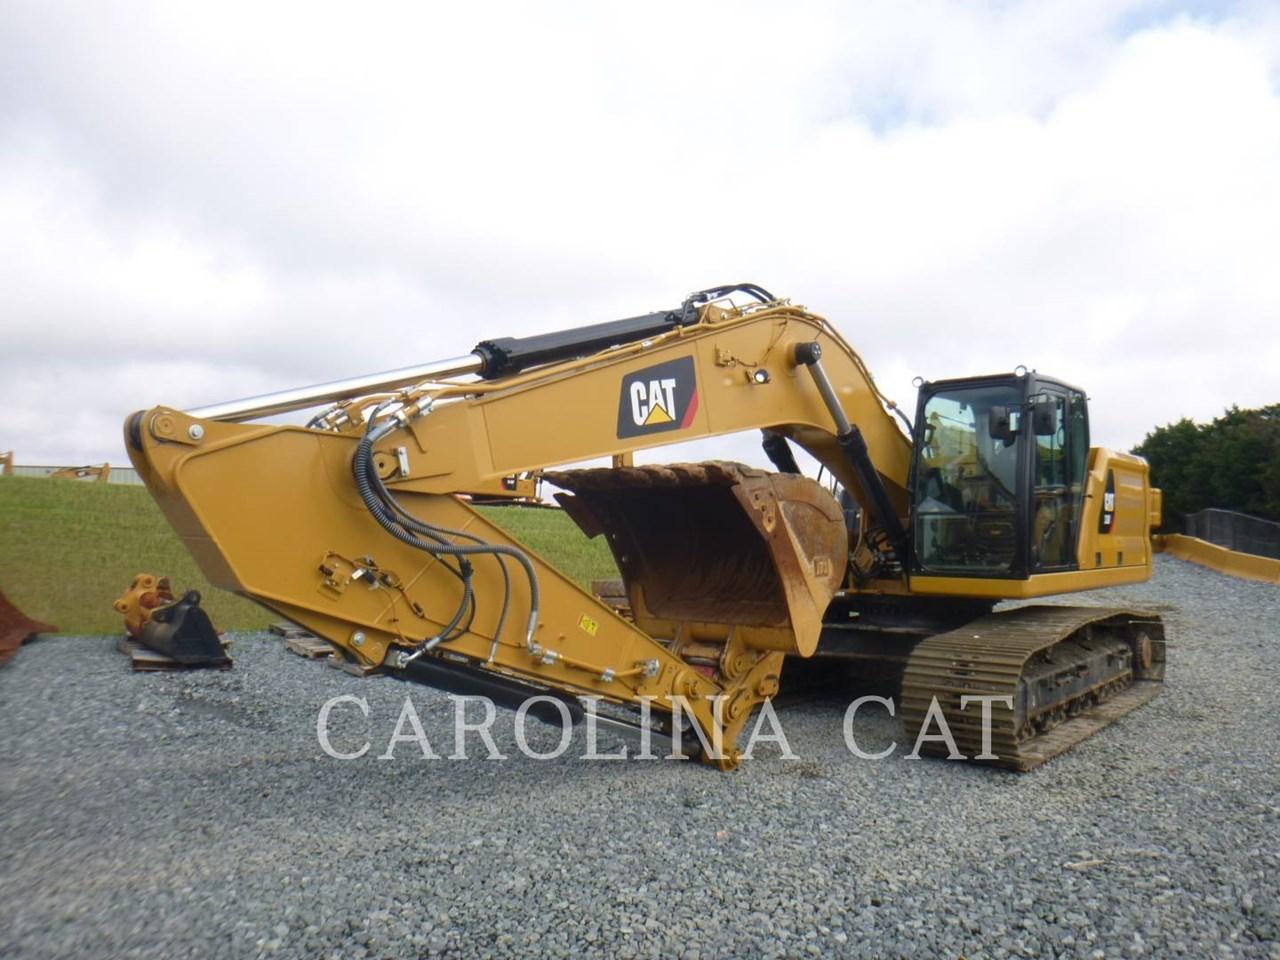 2019 Caterpillar 330 Image 1